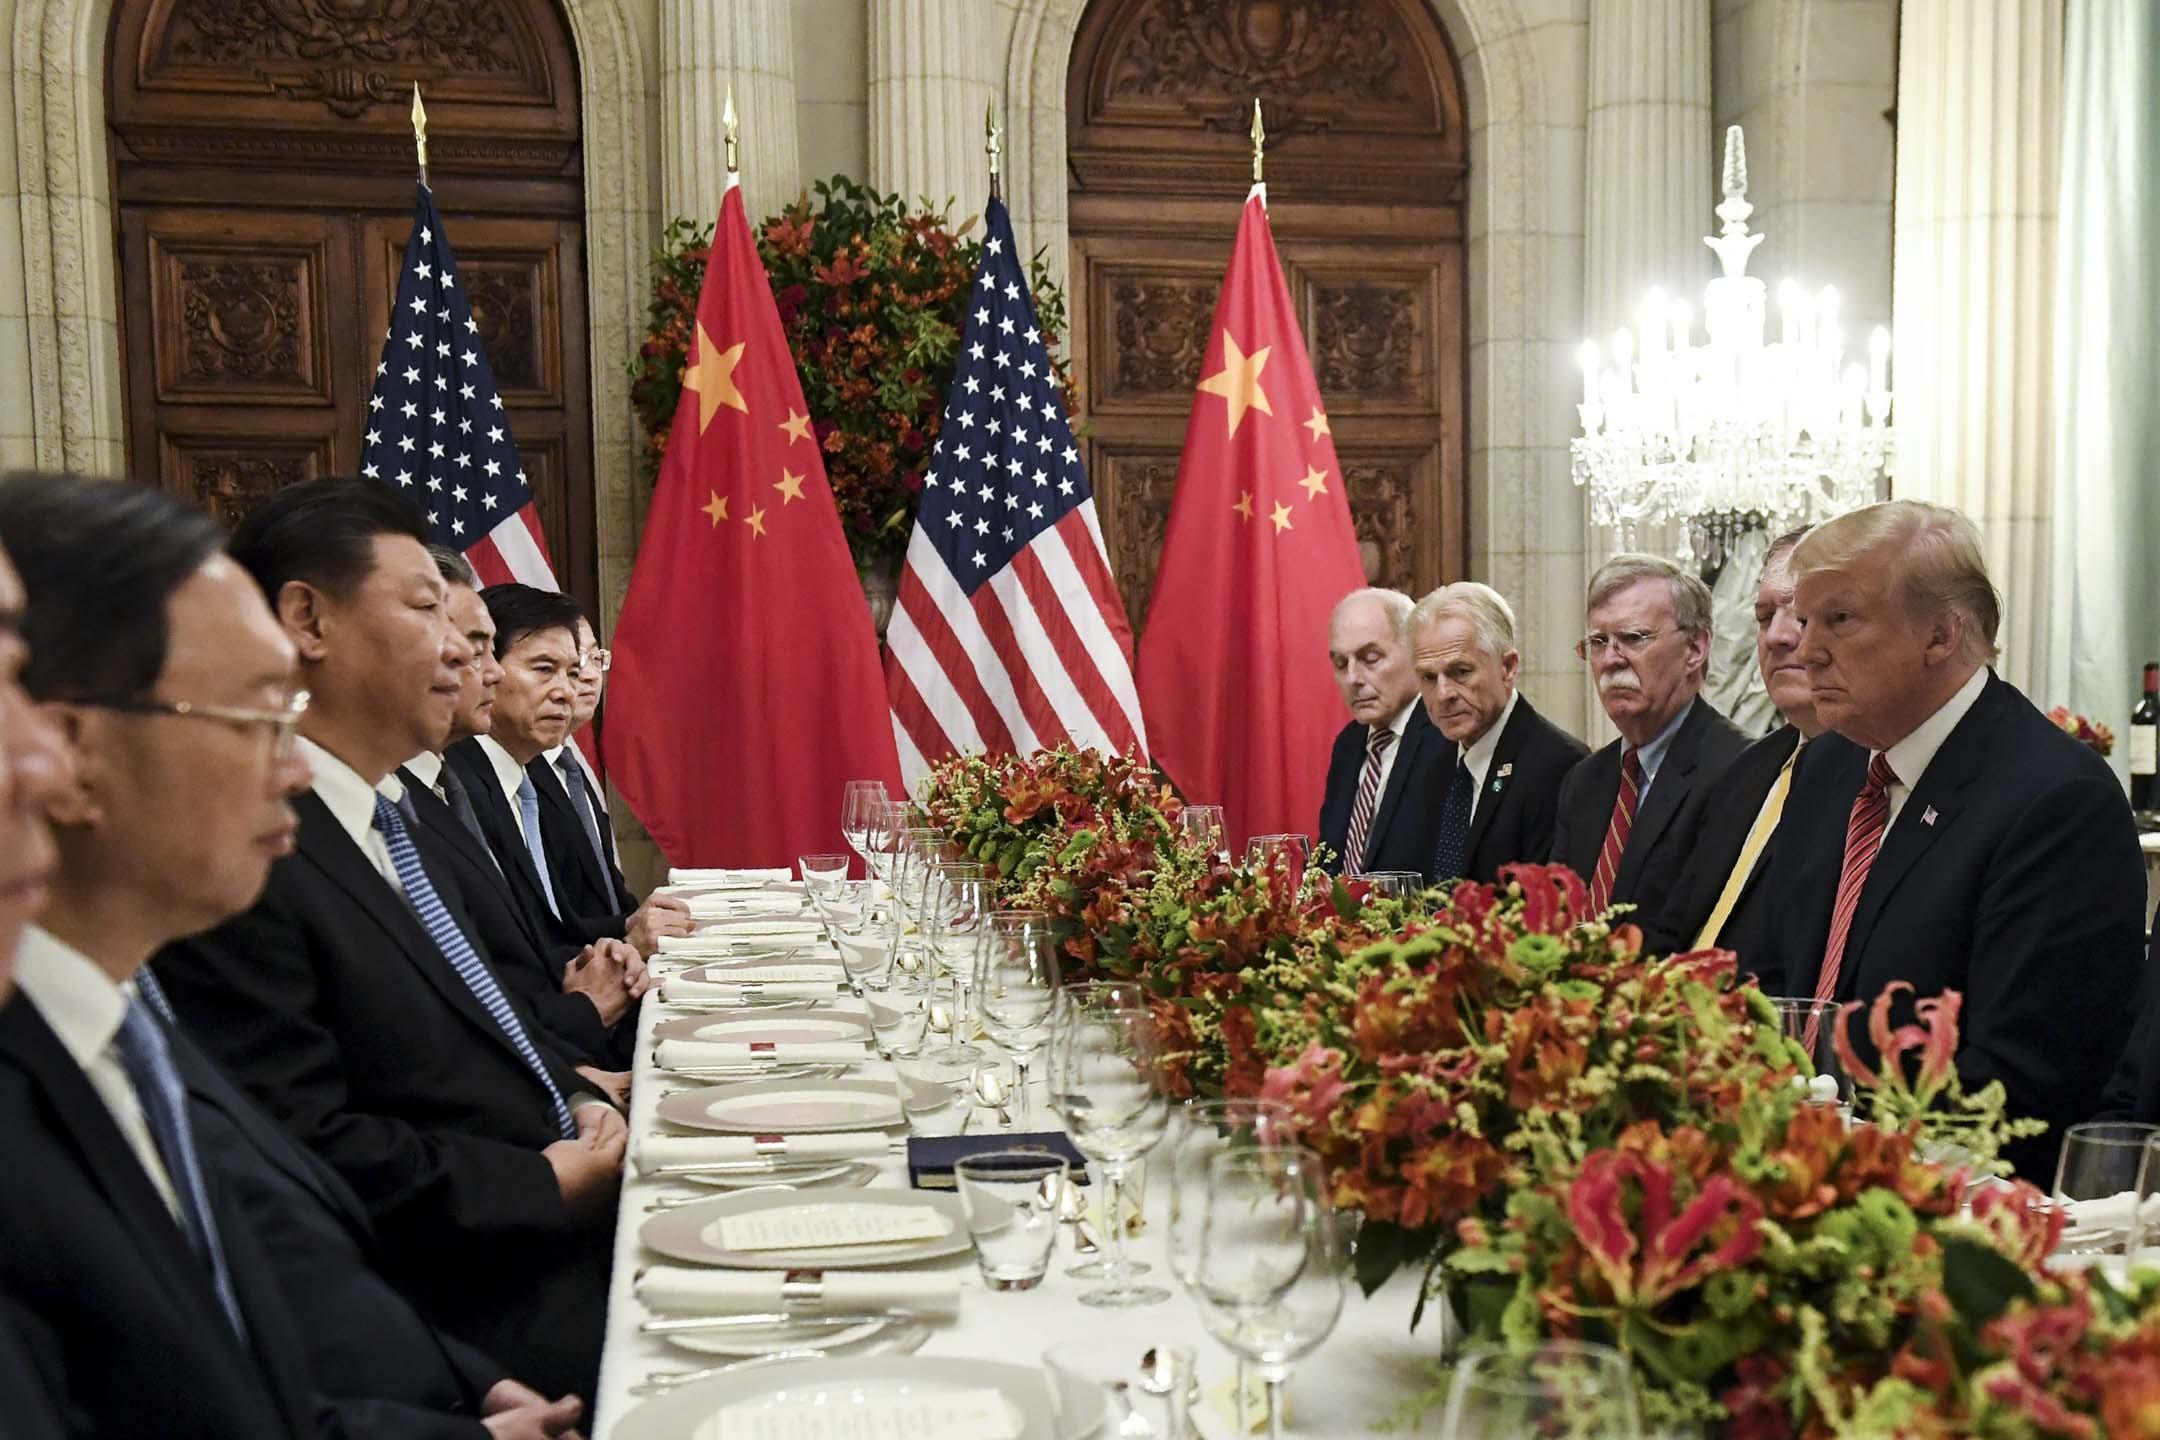 2018年12月1日,中國國家主席習近平,應邀與美國總統特朗普,在阿根廷布宜諾斯艾利斯共晉晚餐,會晤超過兩小時。